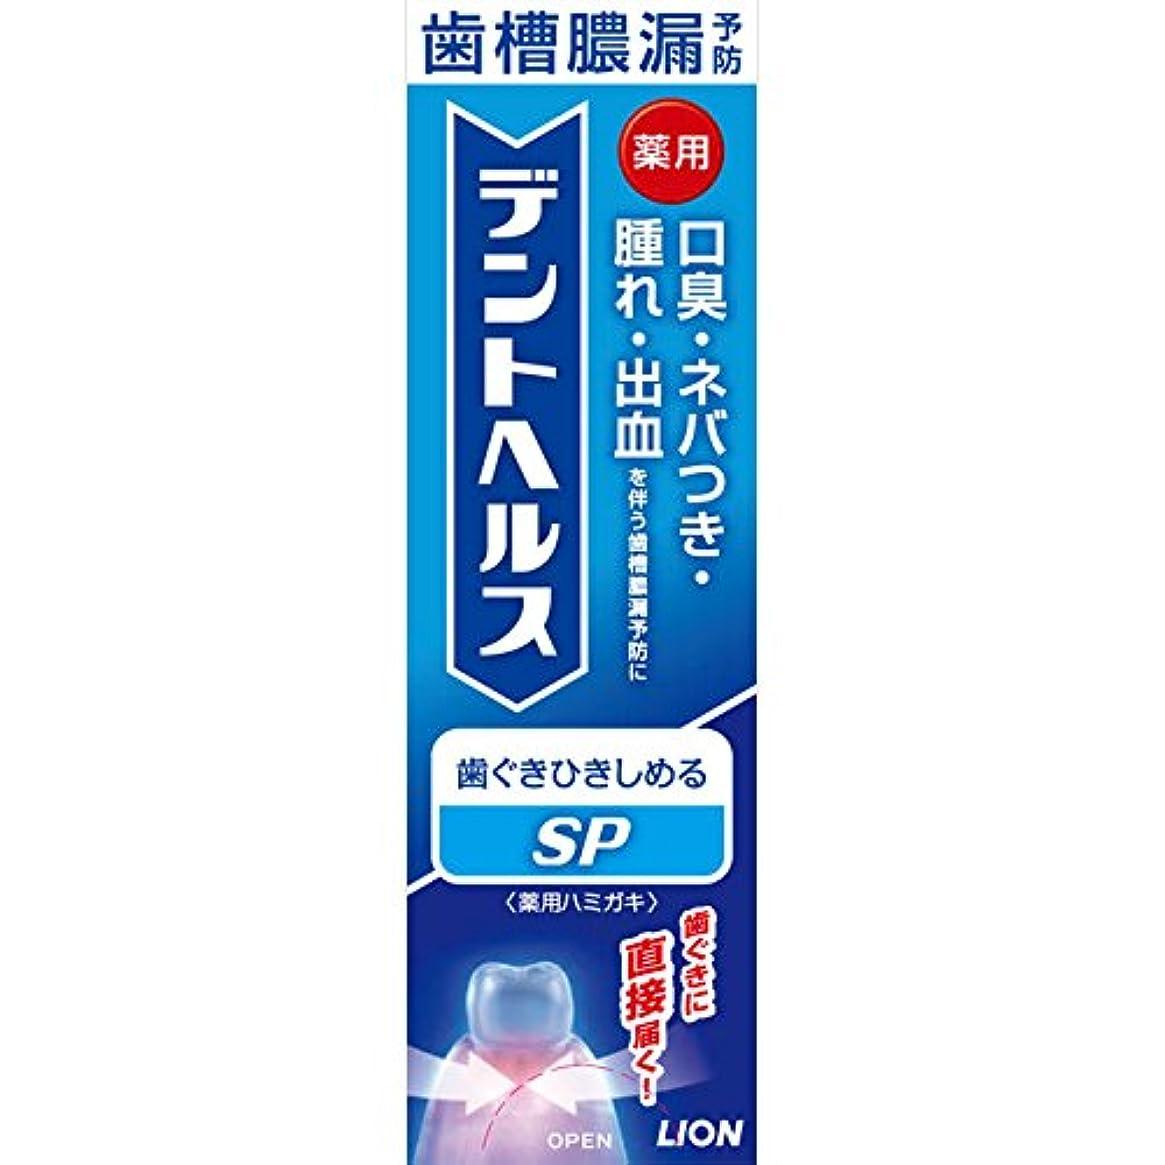 コンバーチブル反動ランチョンデントヘルス薬用ハミガキSPメディカルハーブミント90g×10個